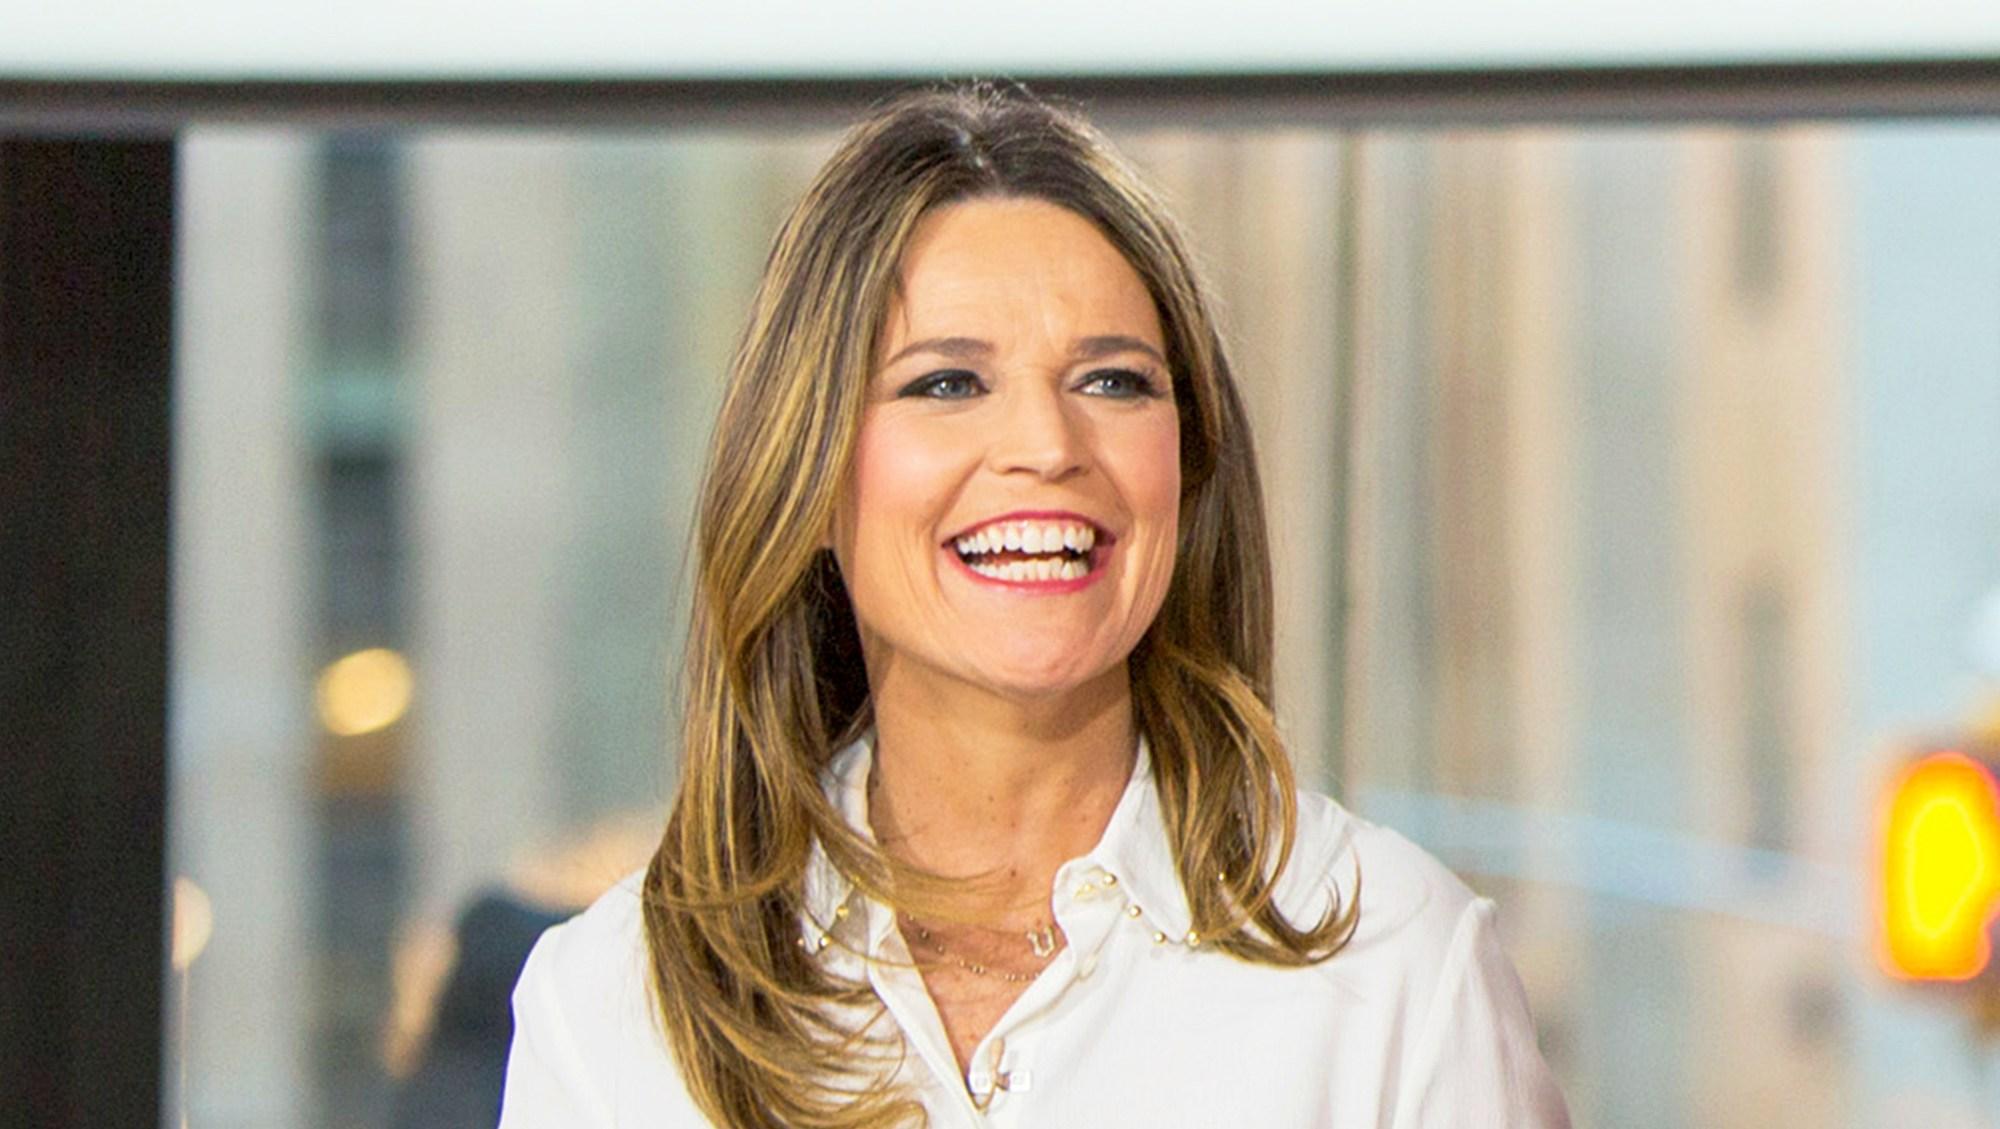 Savannah Guthrie on 'Today' show